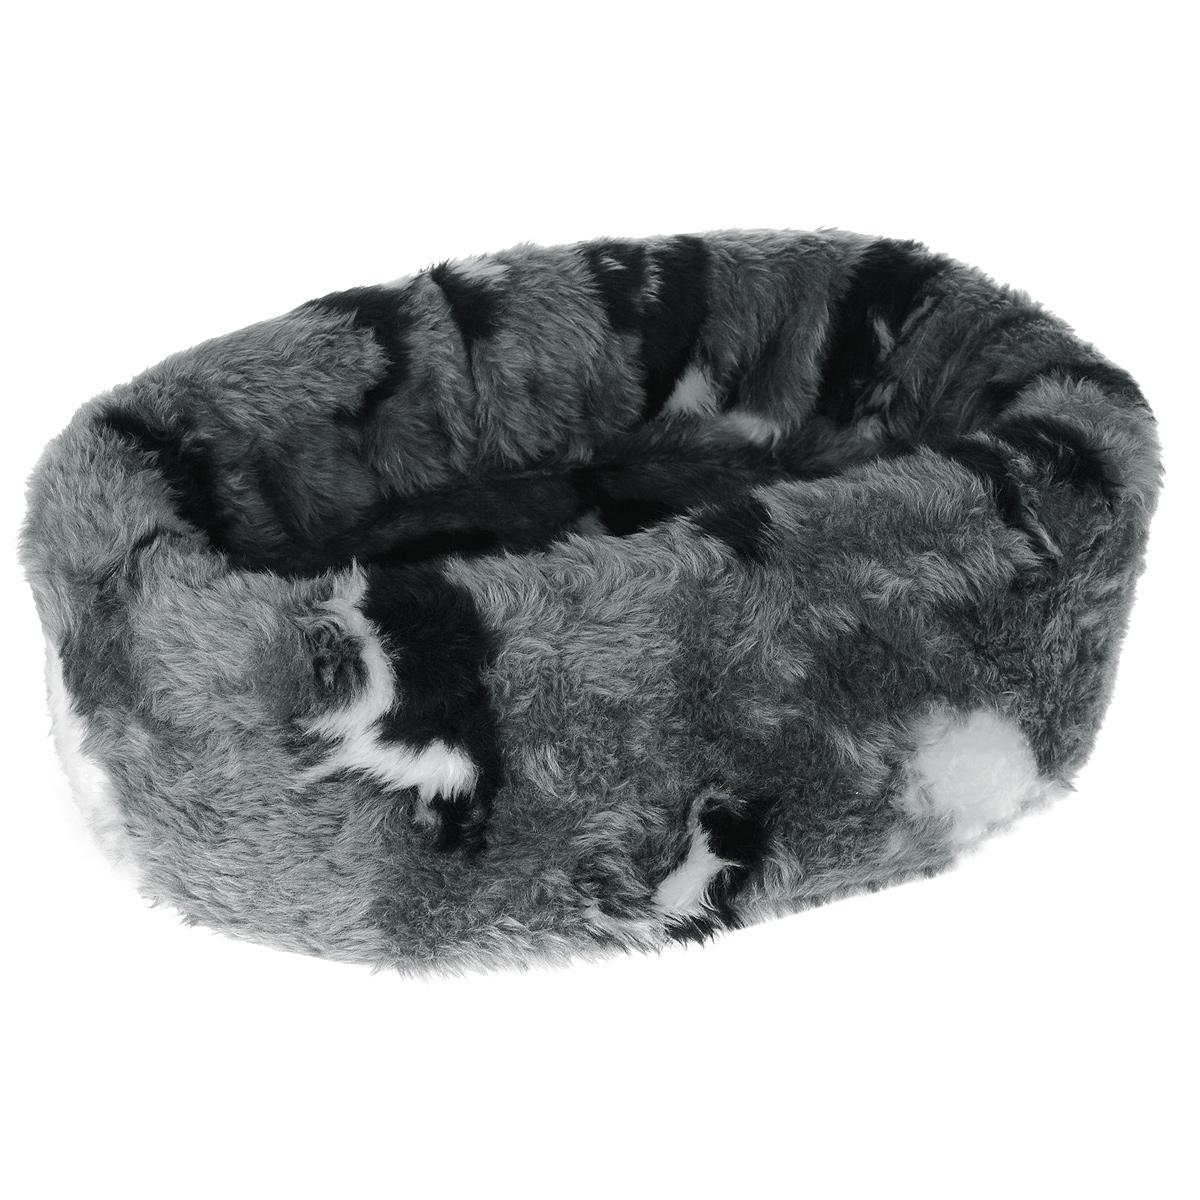 Лежанка для кошек I.P.T.S. Pussy, круглая, 40 см705601Такая лежанка станет излюбленным местом отдыха для вашего питомца, ведь уютное спальное место из меха по достоинству оценит даже самый привередливый кот. Лежанка имеет округлую форму и выполнена в приятных бело-серых оттенках с изображением кошек. Изделие будет одинаково хорошо смотреться как в гостиной, так и в другой комнате. Диаметр лежанки: 40 см. Товар сертифицирован.